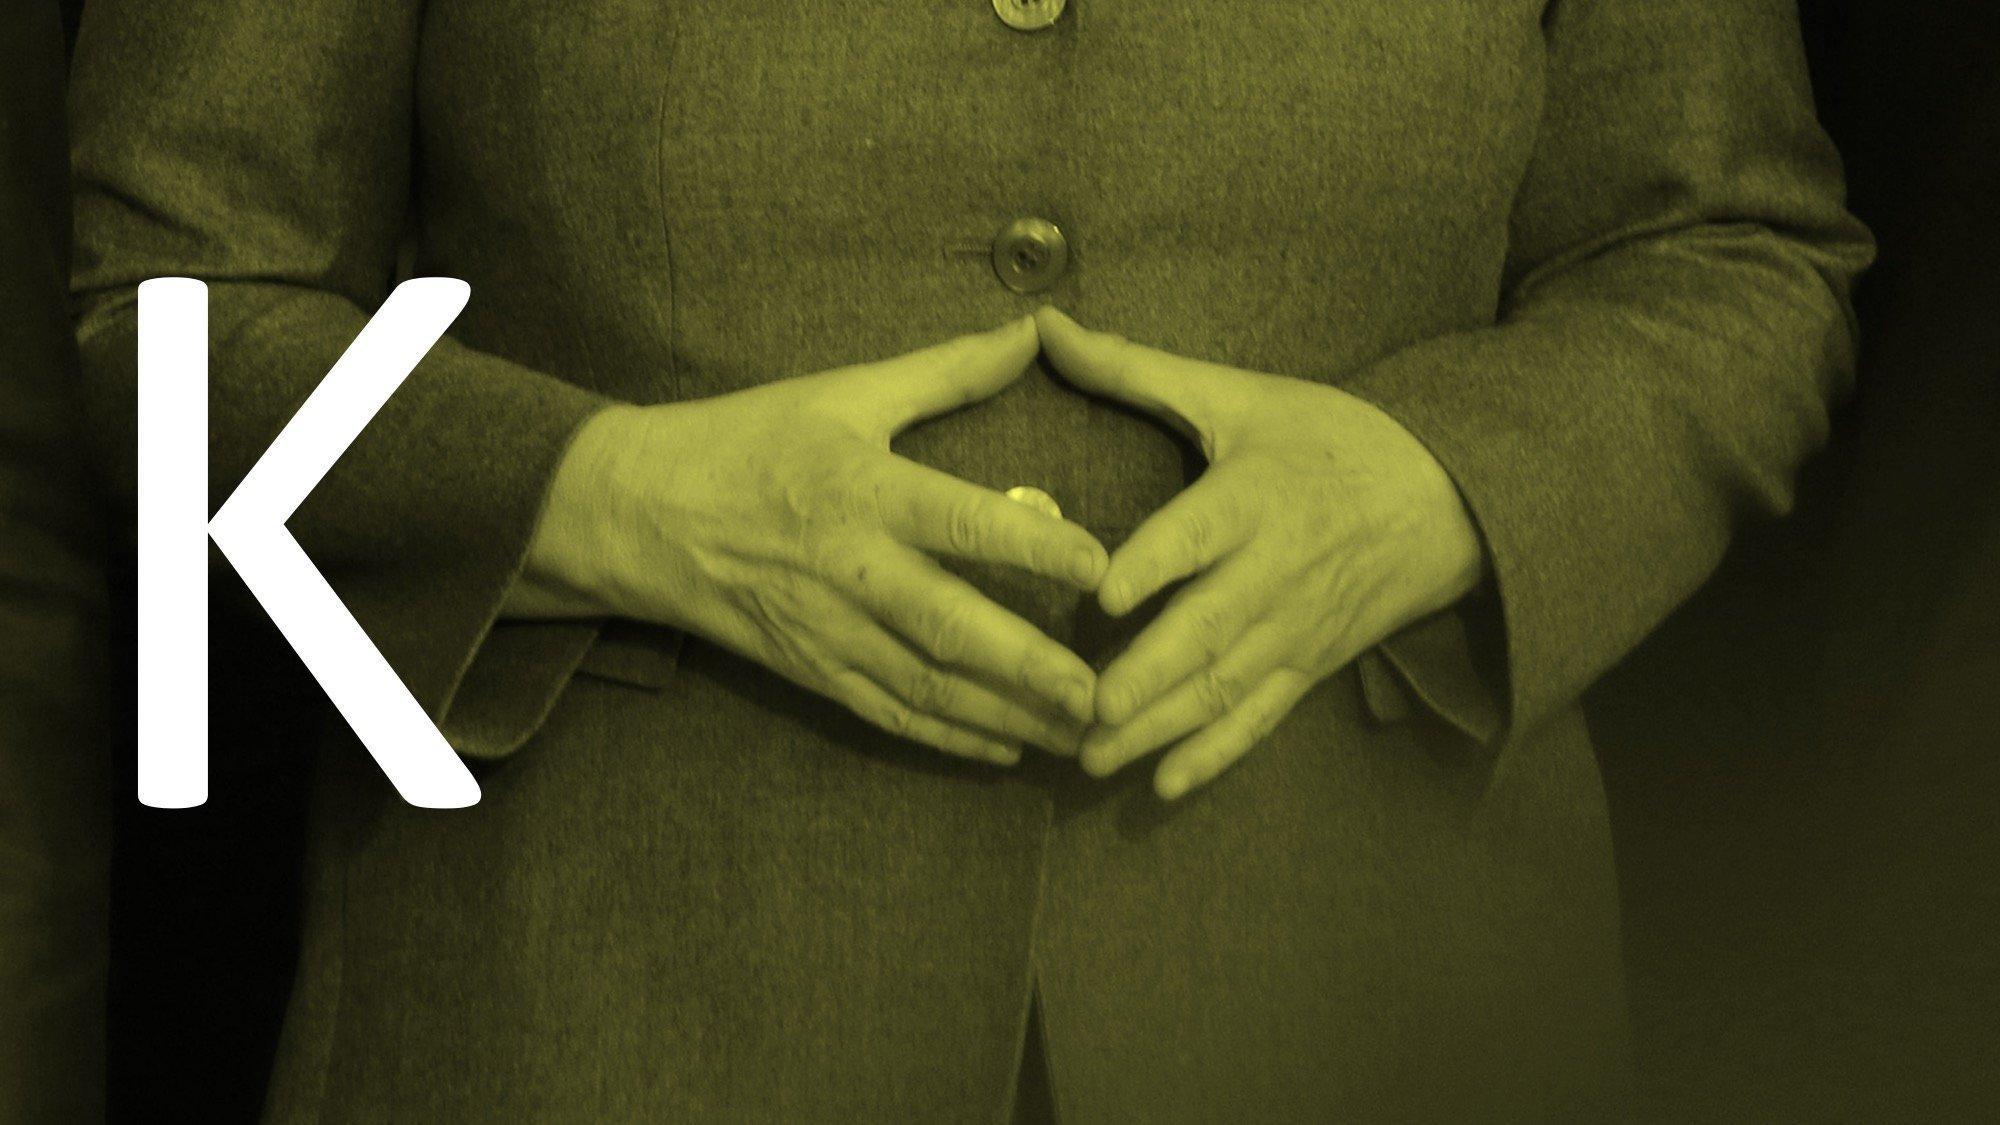 Die Hände von Kanzlerin Merkel, zur Raute geformt.